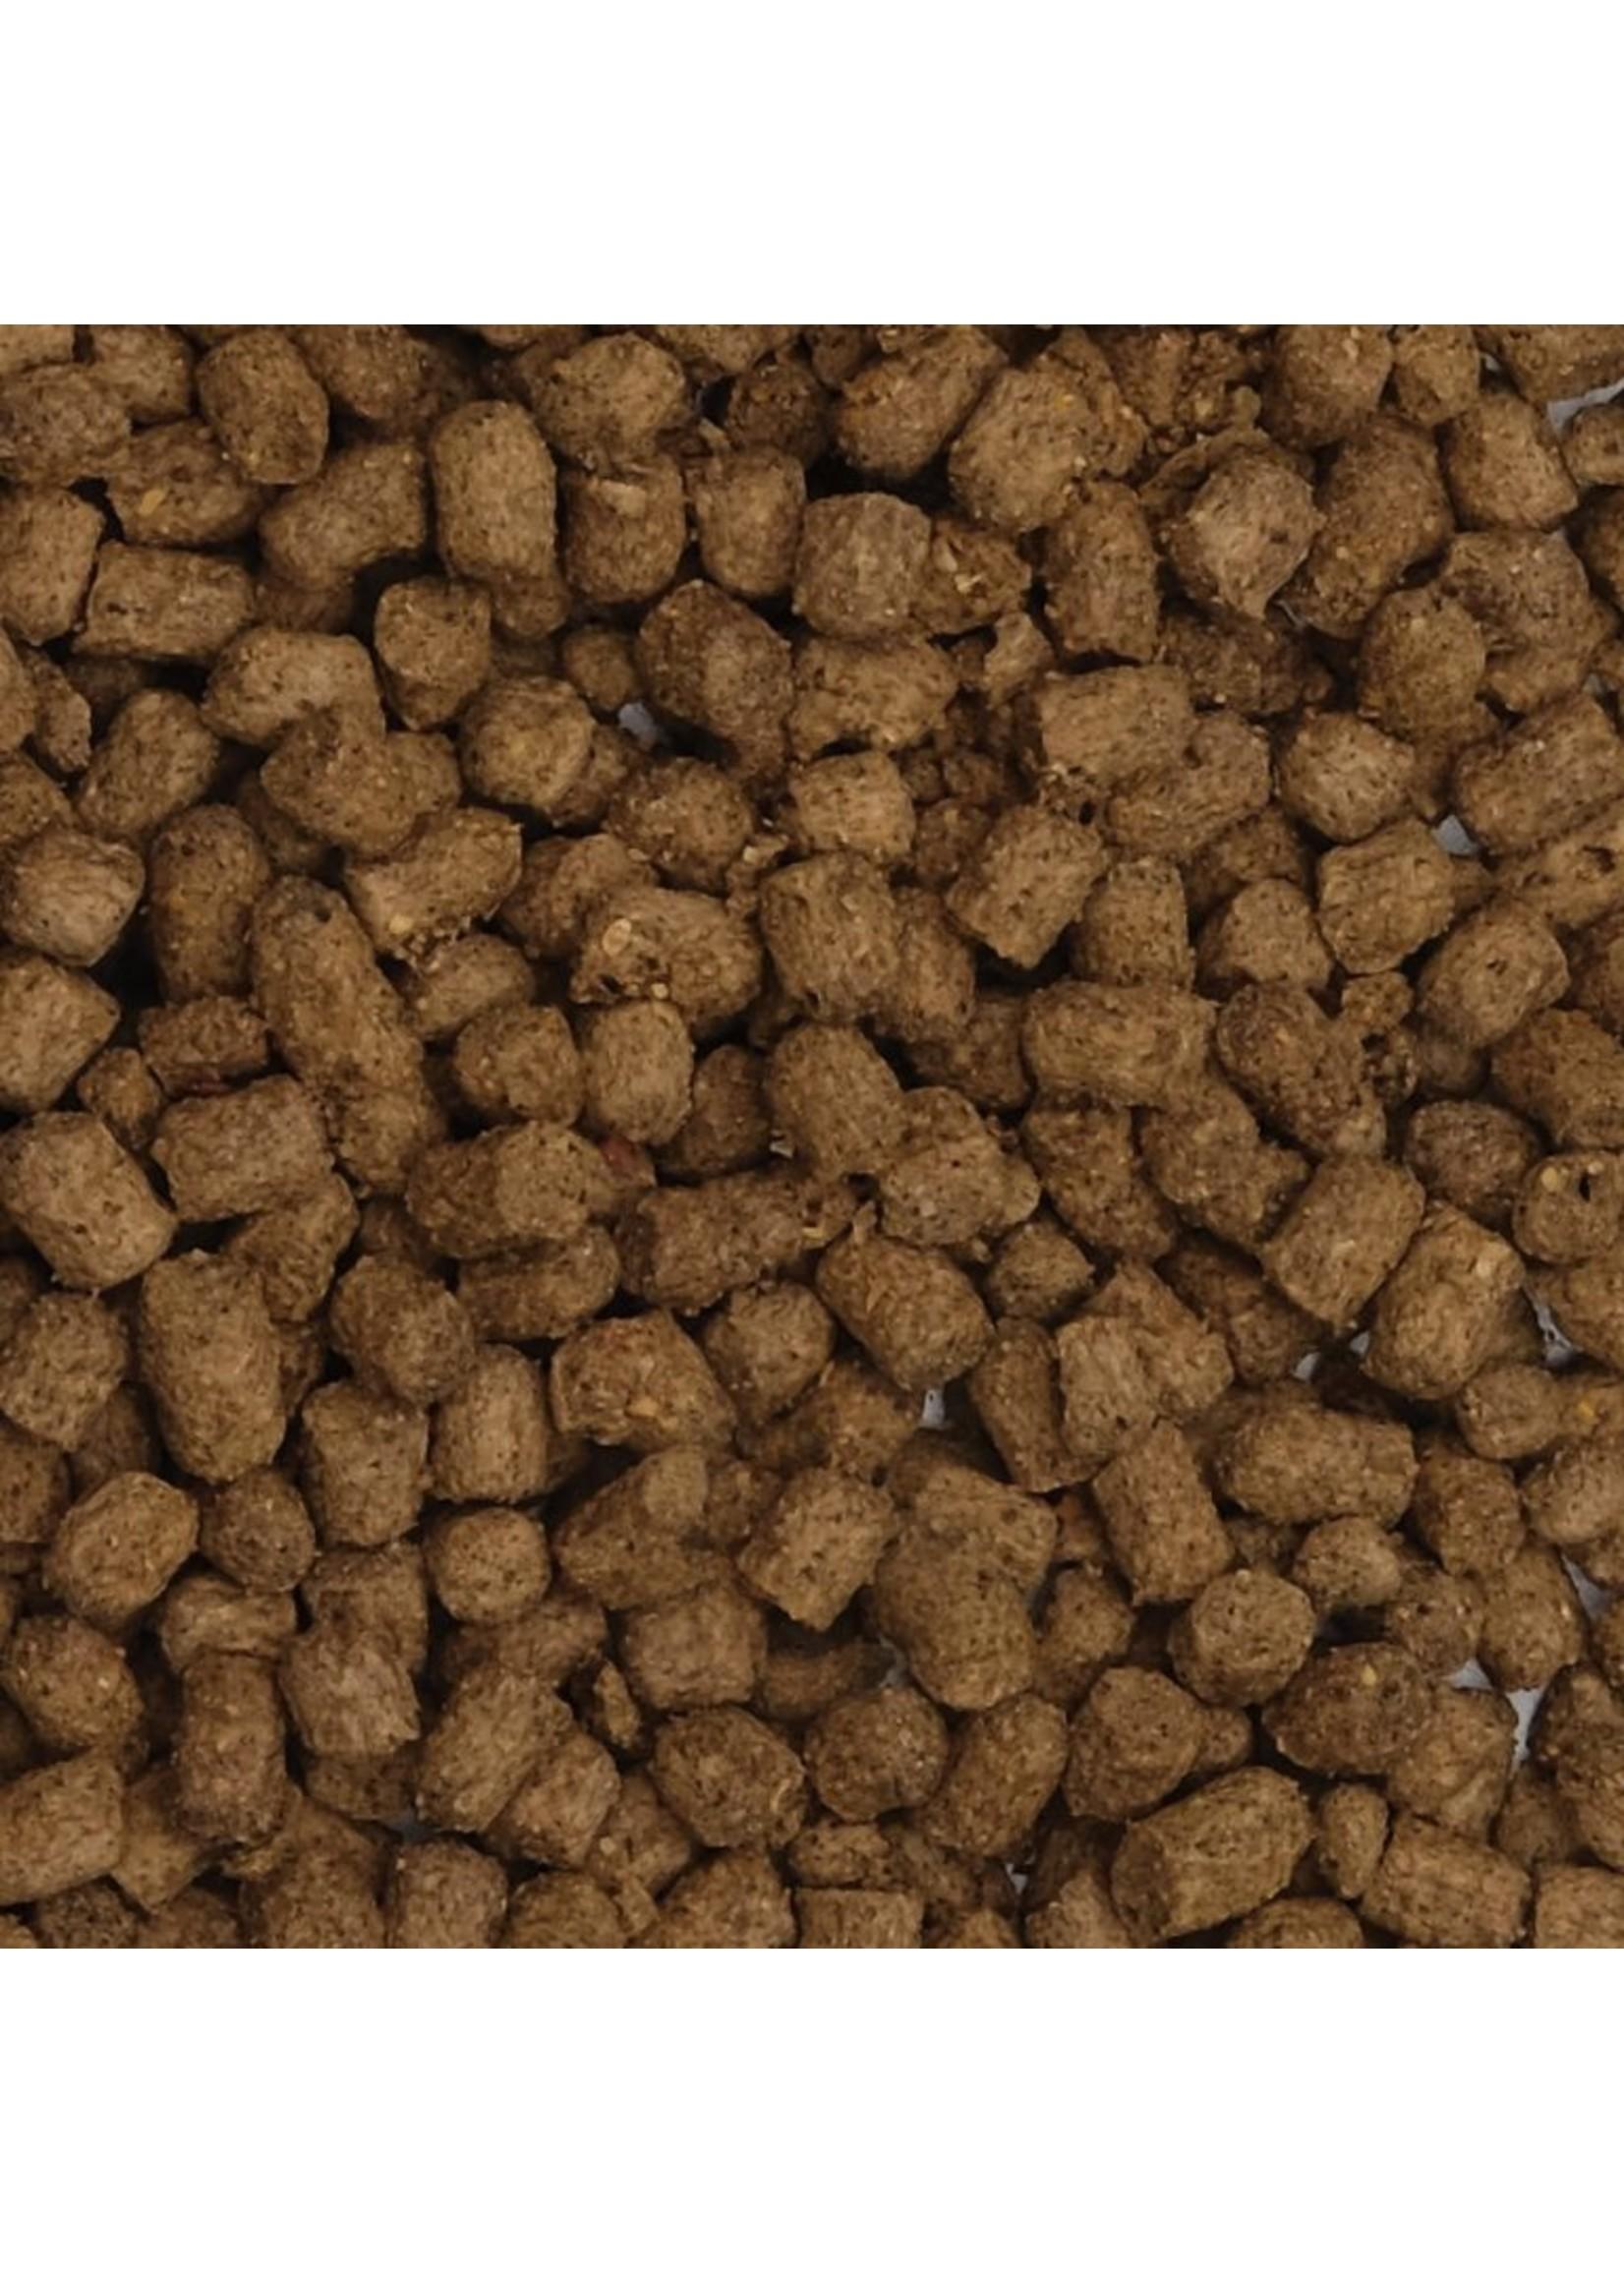 Fluval Fluval Bug Bites Goldfish Granules